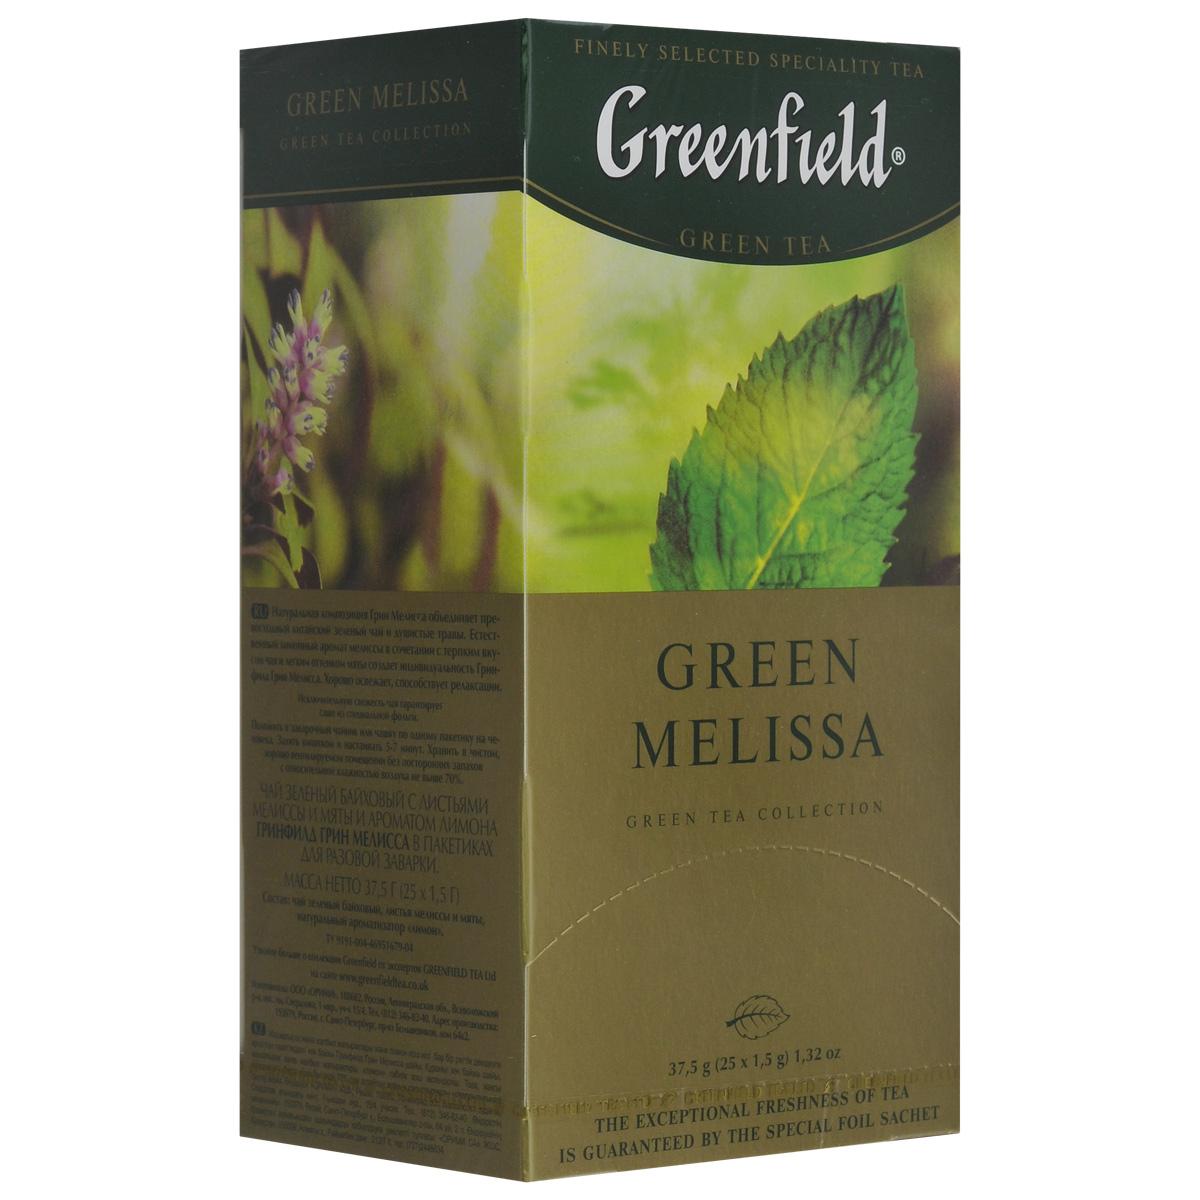 Greenfield Green Melissa зеленый чай в пакетиках, 25 шт0435-10Натуральная композиция Greenfield Green Melissa объединяет превосходный китайский зеленый чай и душистые травы. Естественный лимонный аромат мелиссы в сочетании с терпким вкусом чая и легким оттенком мяты создает индивидуальность Greenfield Green Melissa. Хорошо освежает, способствует релаксации.